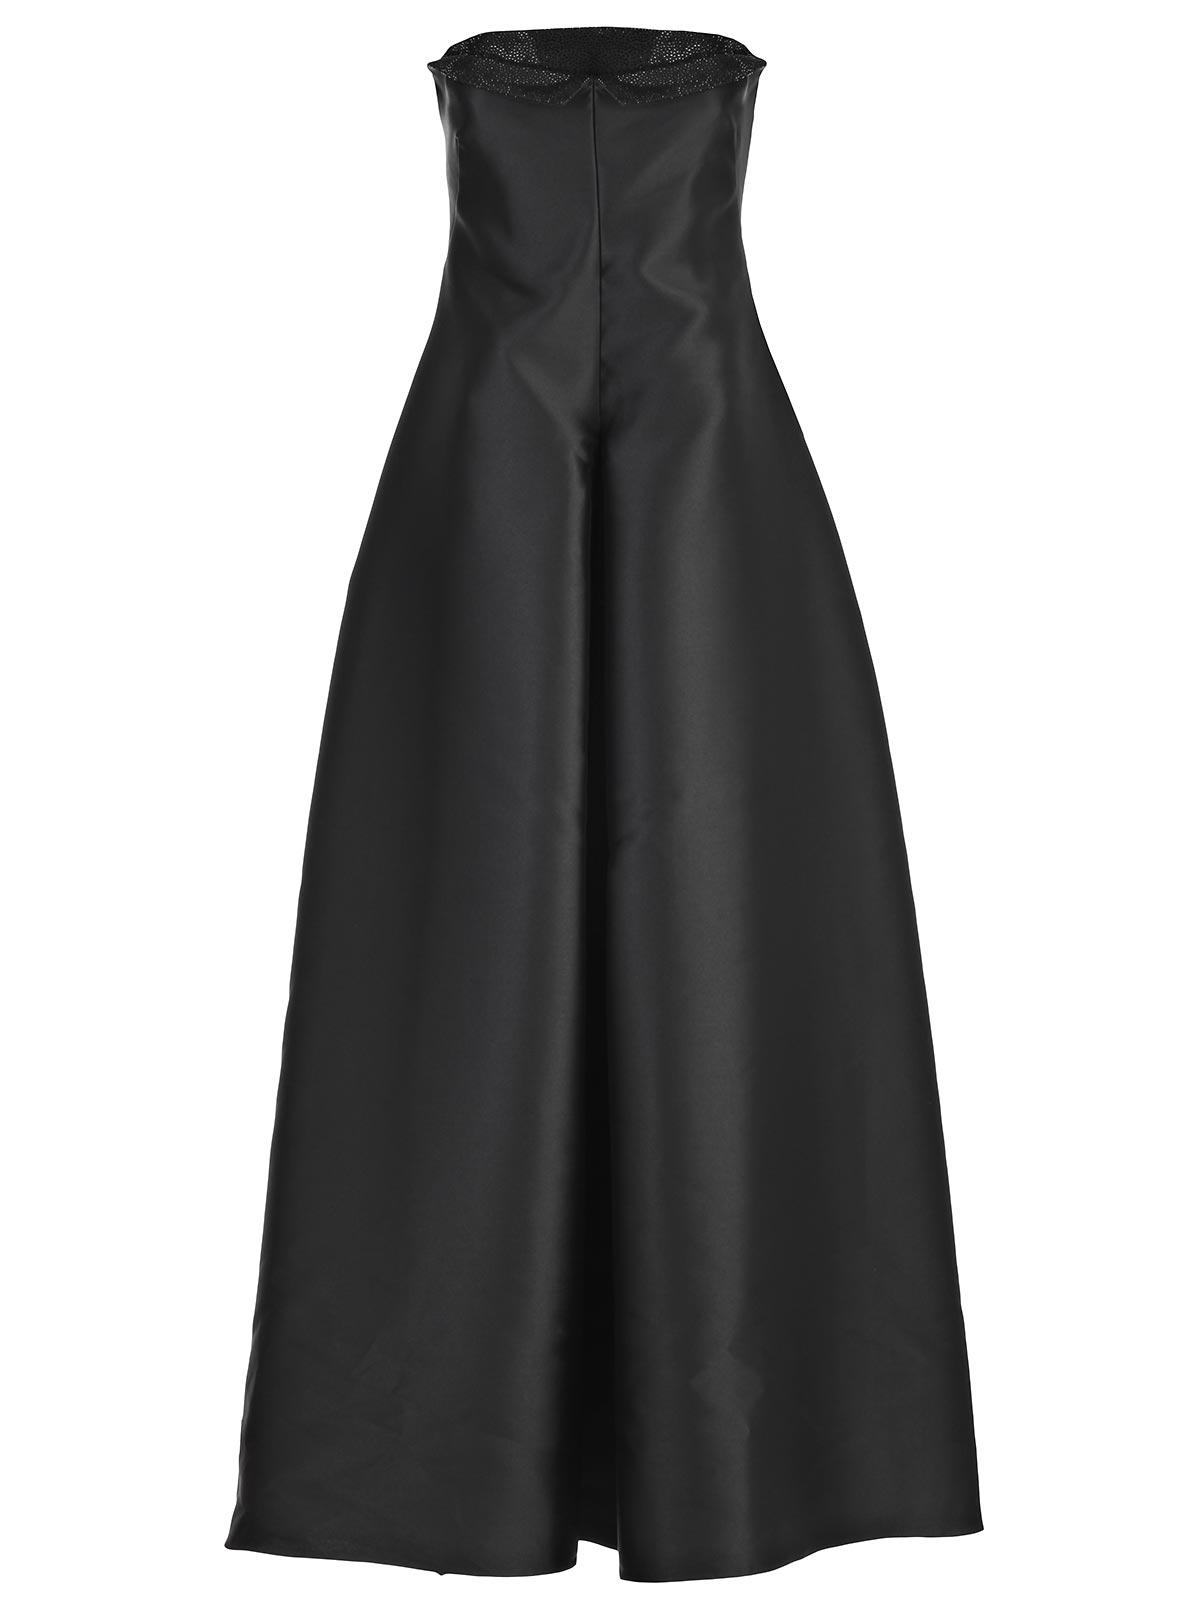 Picture of ARMANI COLLEZIONI  DRESS